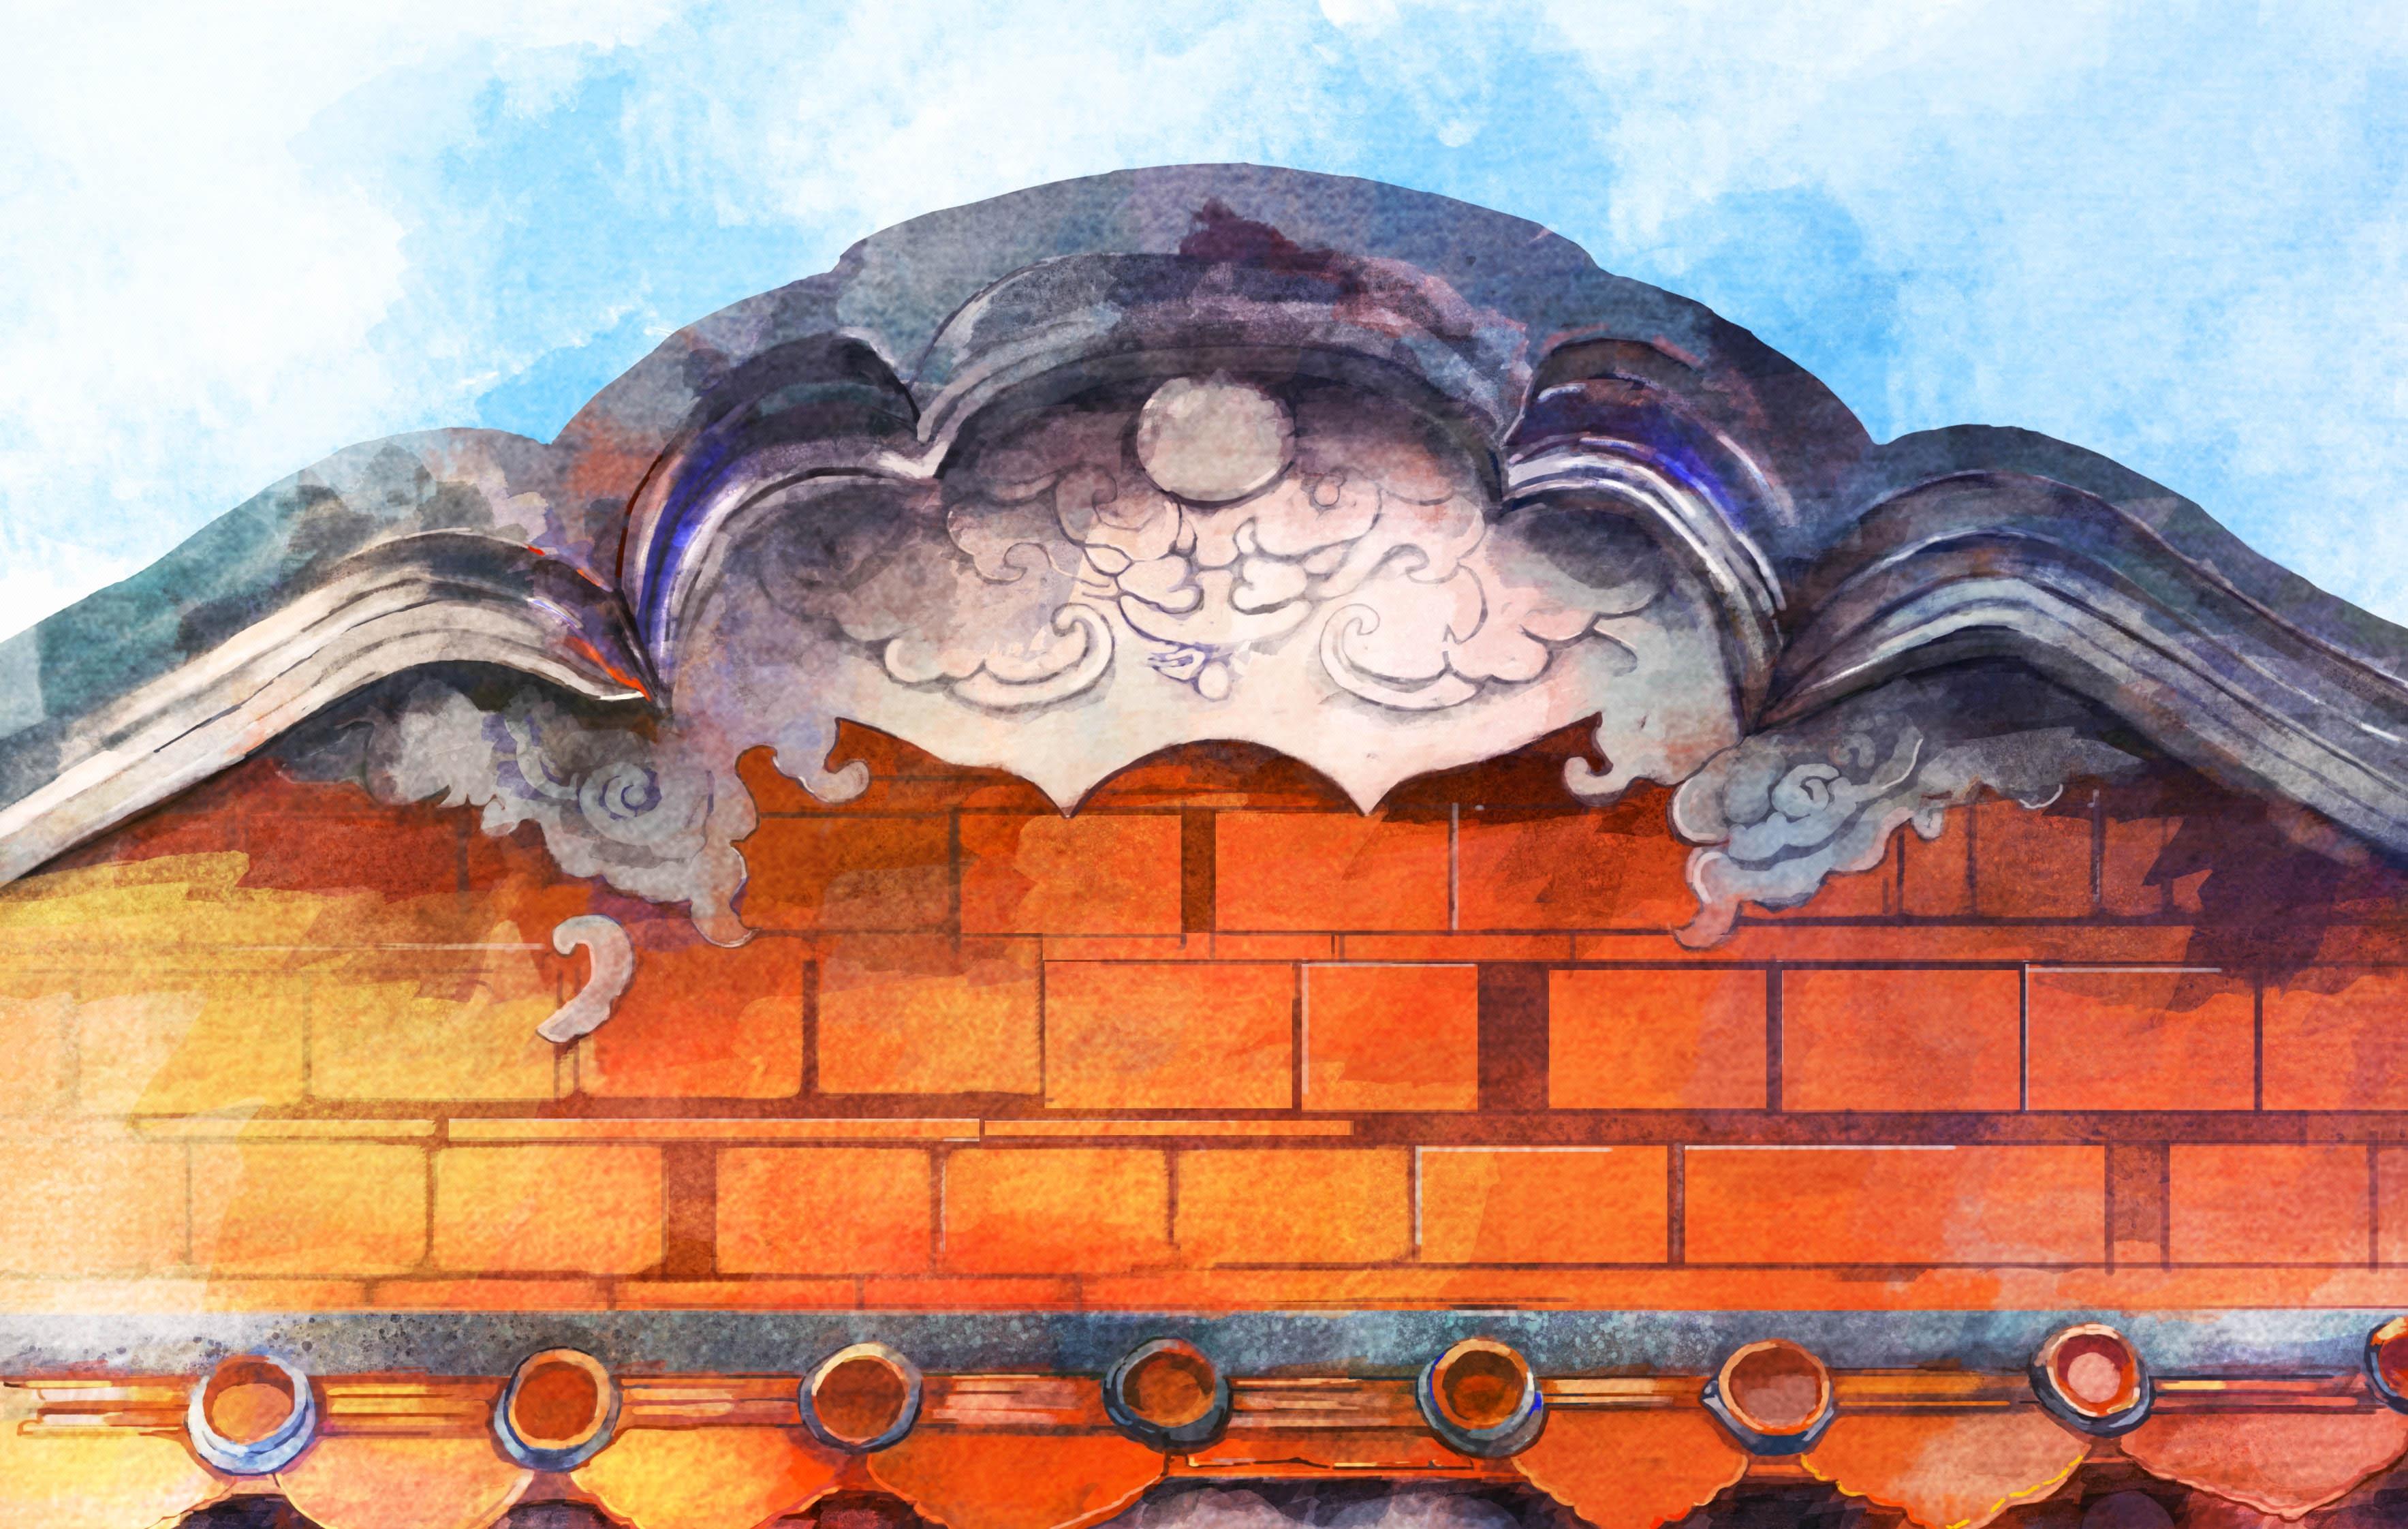 【旅游插画定制】景区插画景区文化景区地图景区文化墙旅游明信片